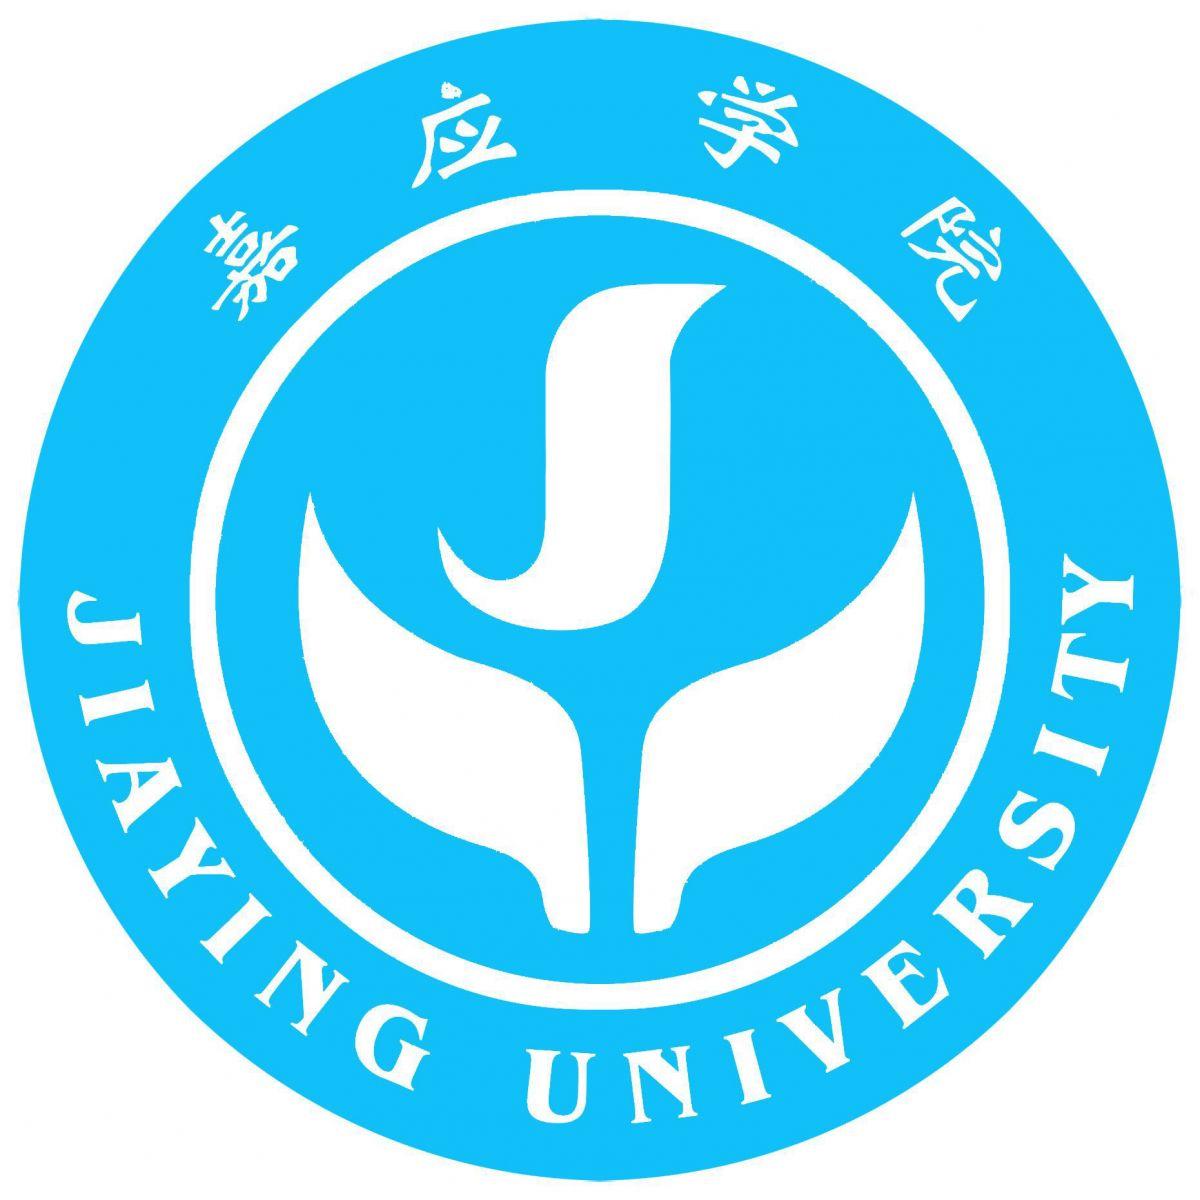 嘉应学院(与广东水利电力职业技术学院协同培养)